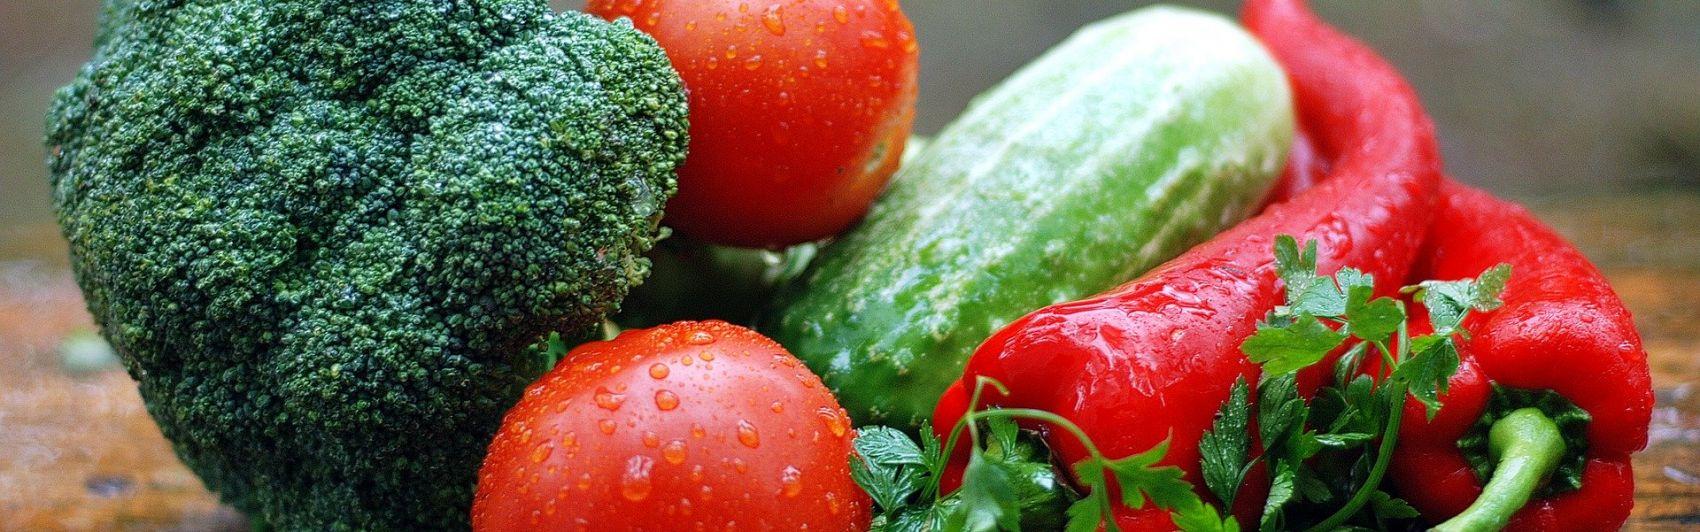 Gemüse, Lebensmittelverschwendung